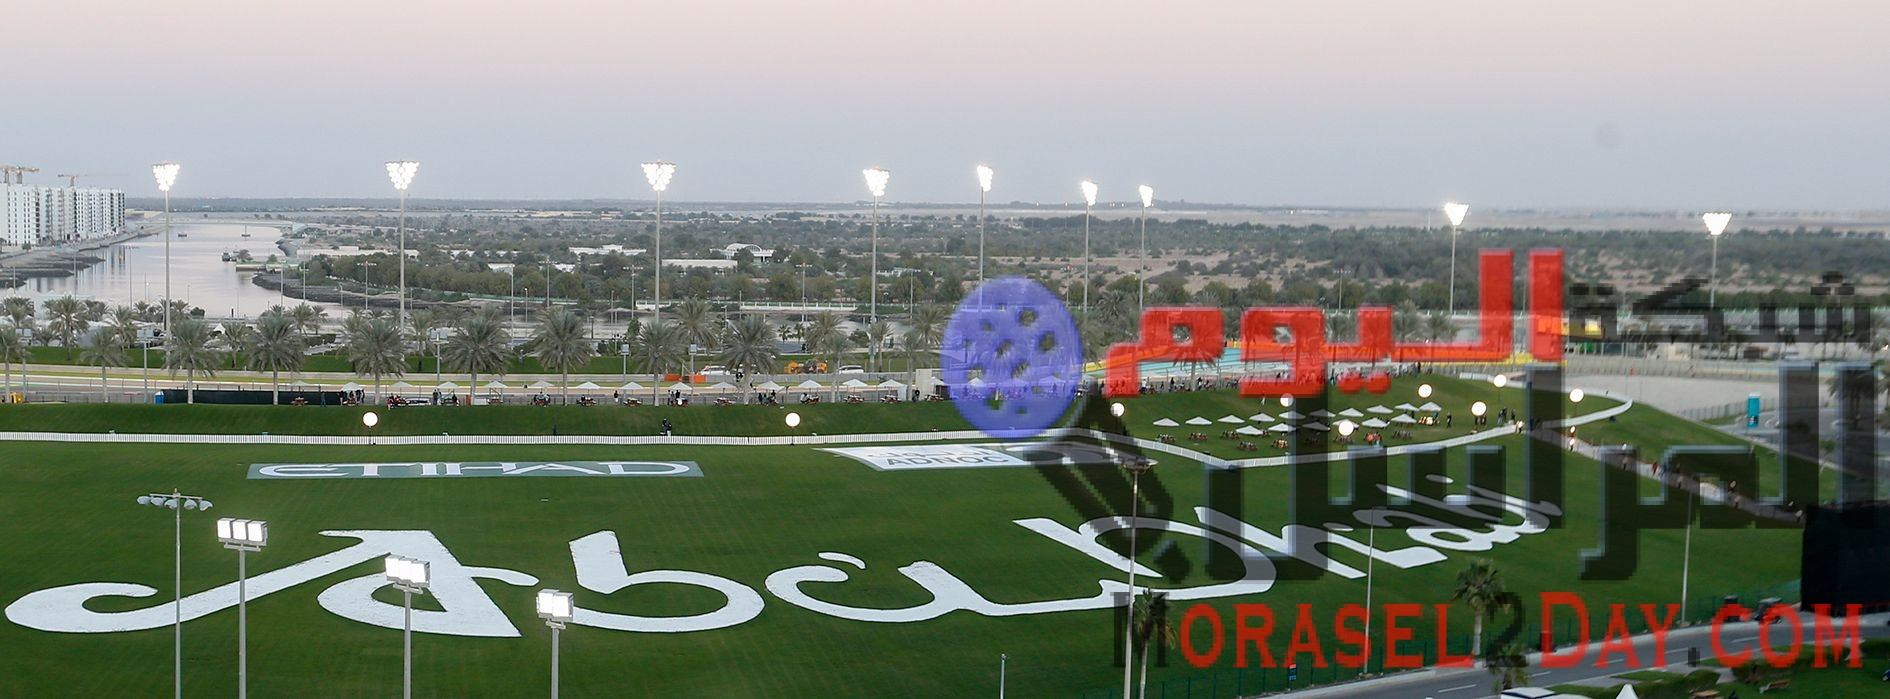 أبطال خط الدفاع الأول يحلون ضيوفًا على سباق الجائزة الكبرى في أبوظبي